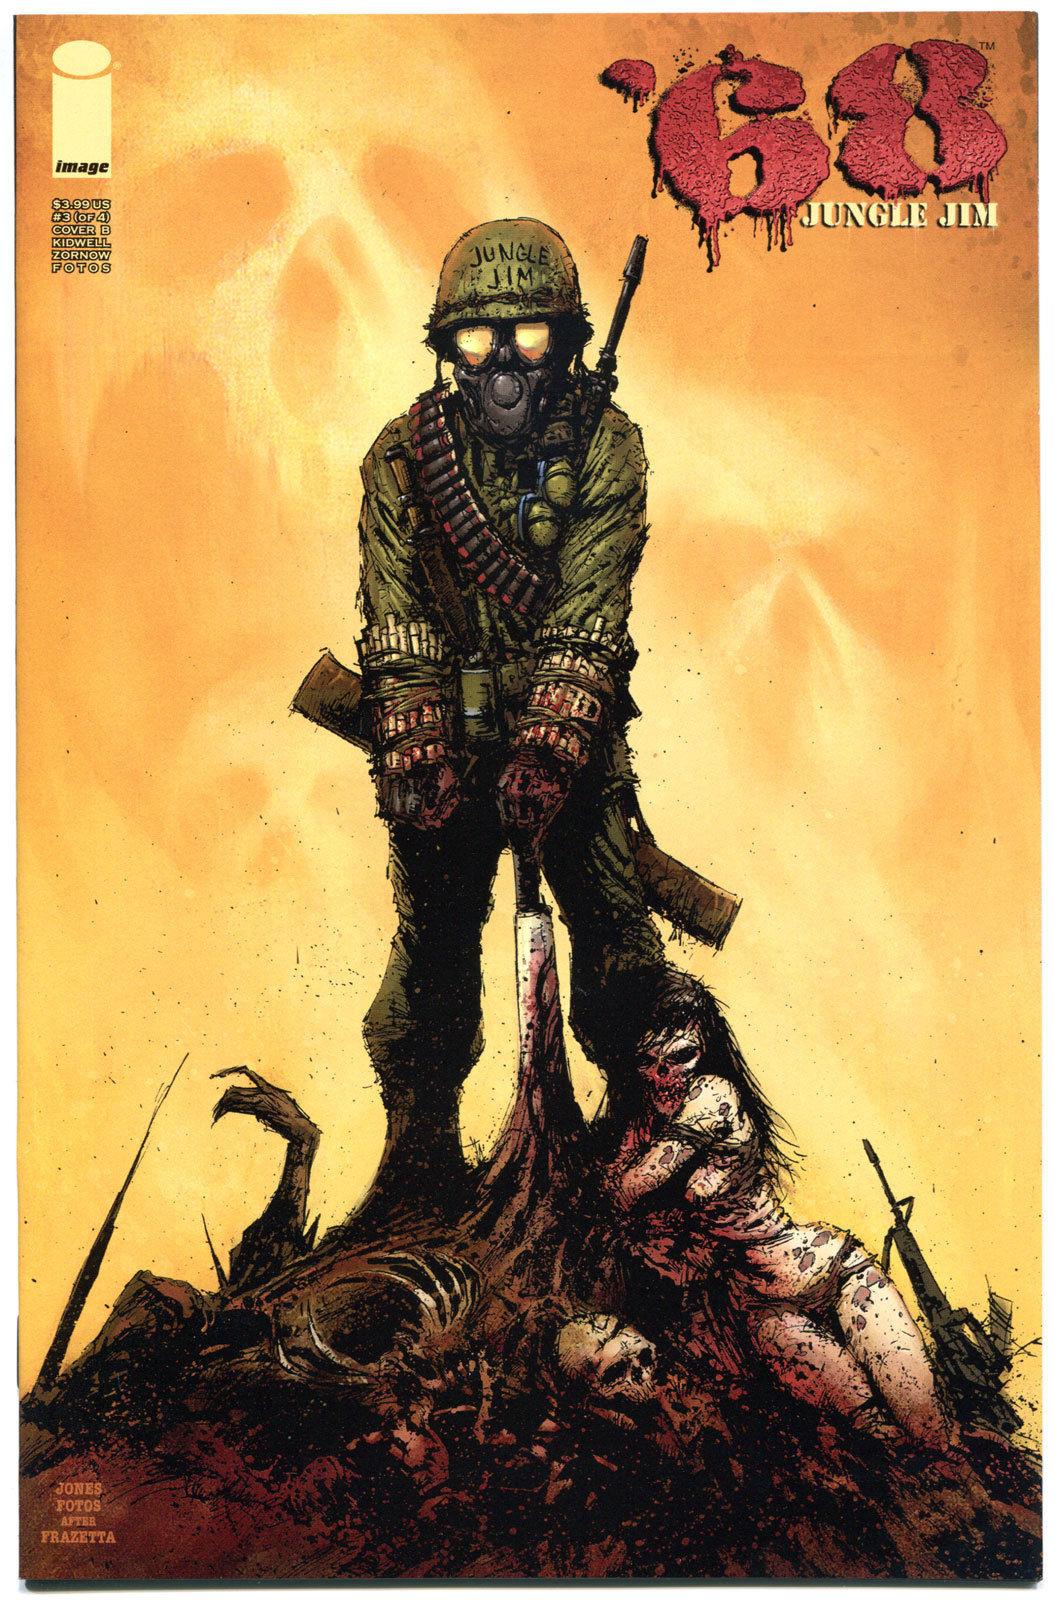 '68 JUNGLE JIM #3 B, NM,1st Print, Zombie, Walking Dead, Vietnam War,2013,Horror